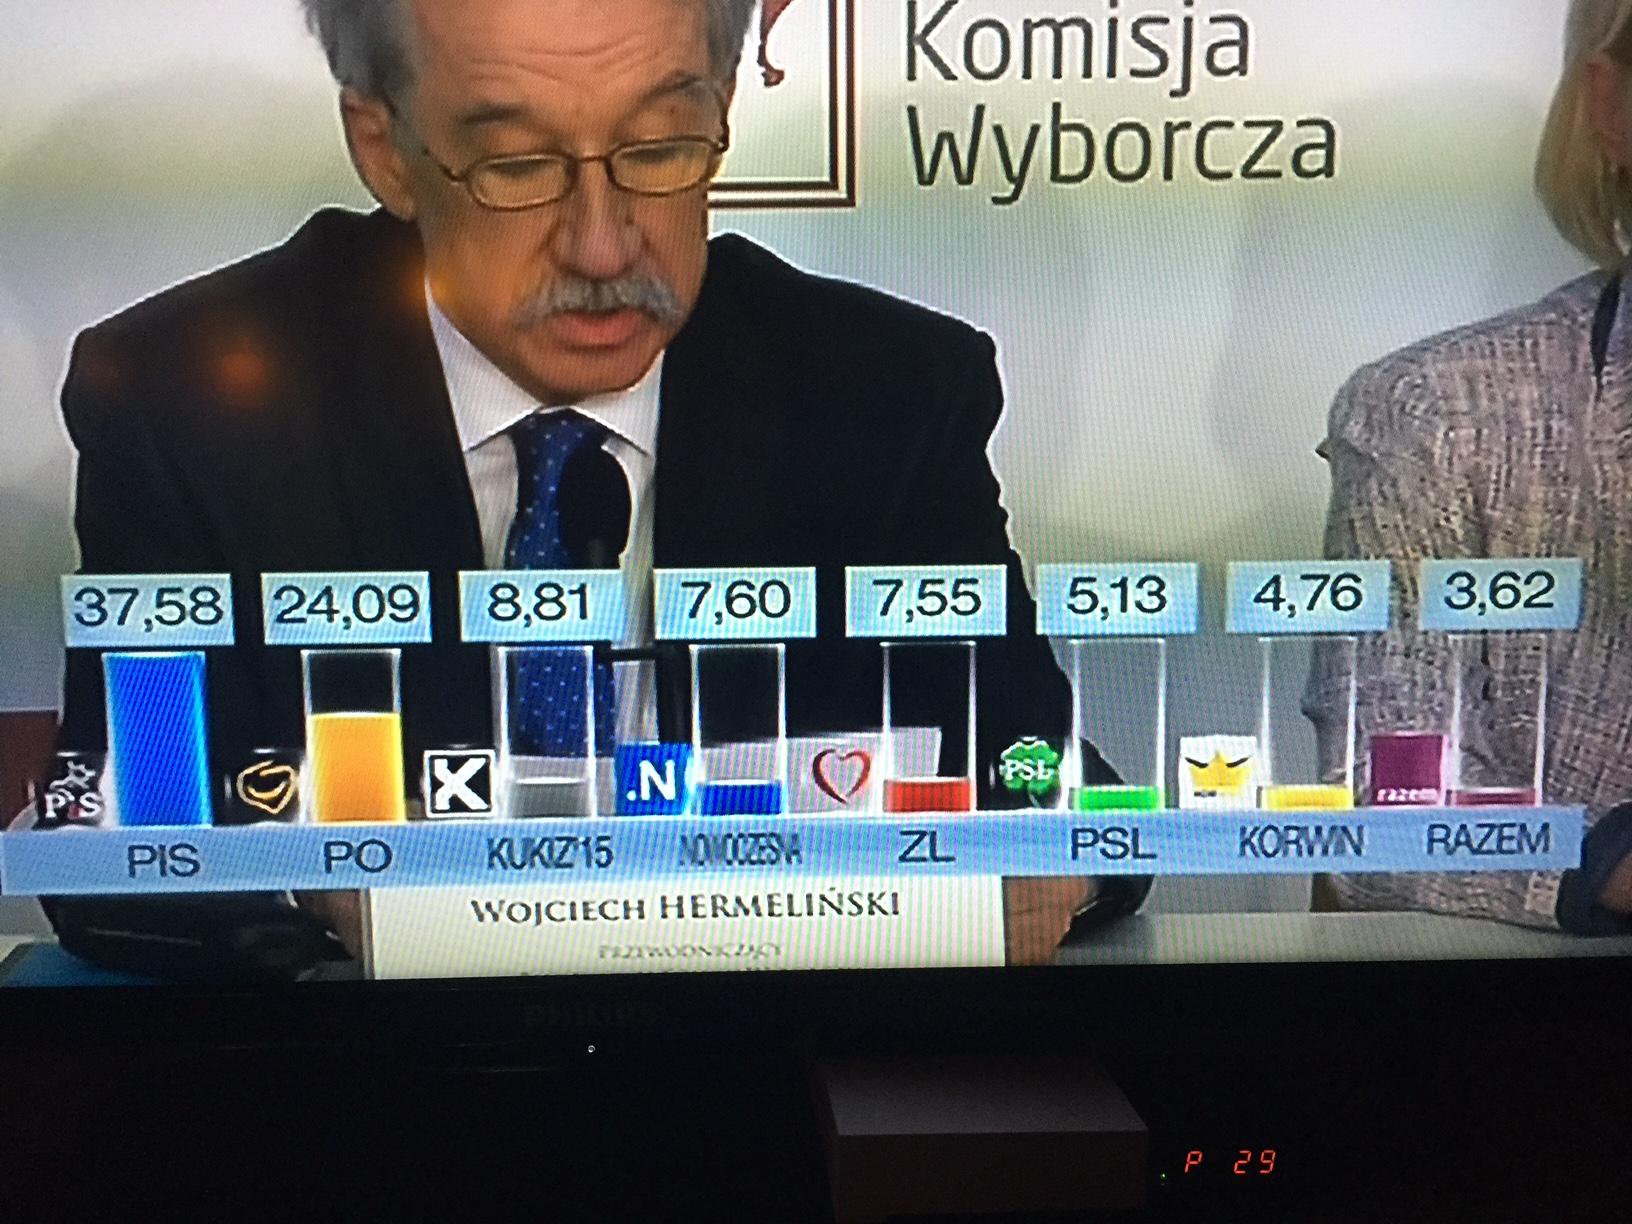 Valkommissionens ordförande Wojciech Hermeliński meddelade sent på måndagskvällen det slutgiltiga valresultatet. Foto: Lukas Blentesson.